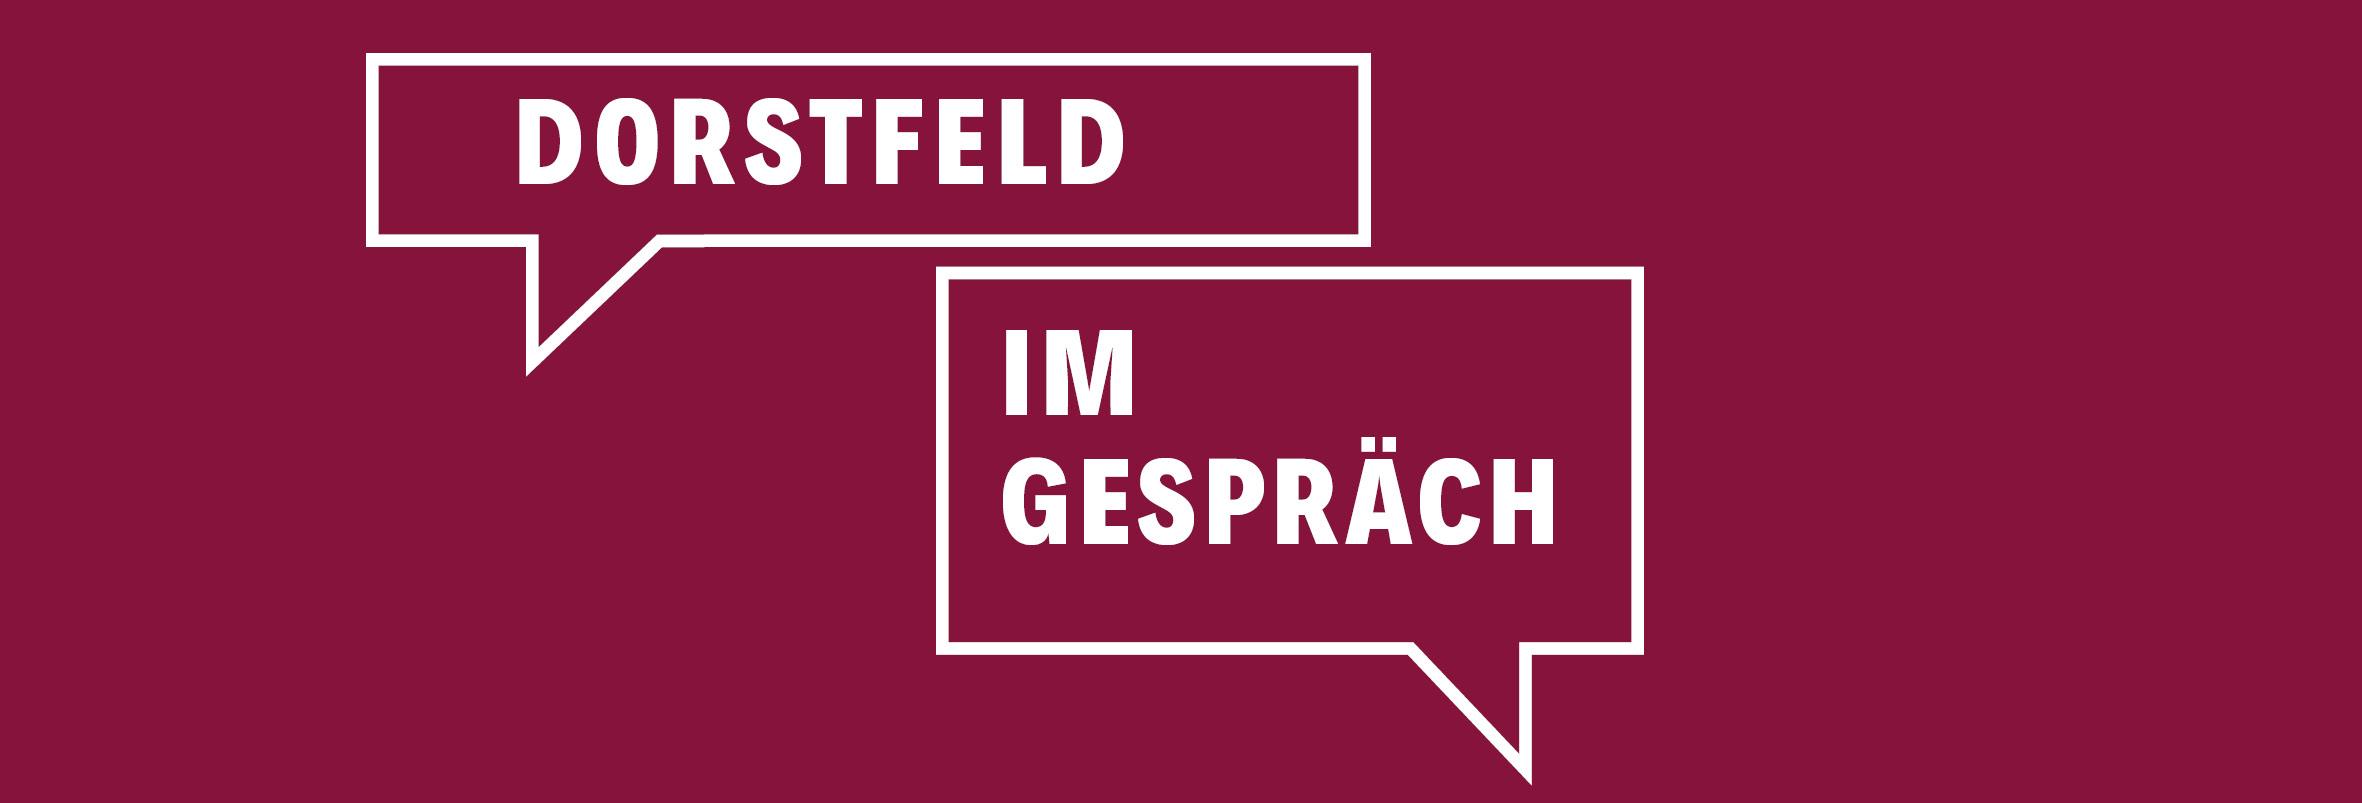 Dorstfeld im Gespräch im März und Juni 2020